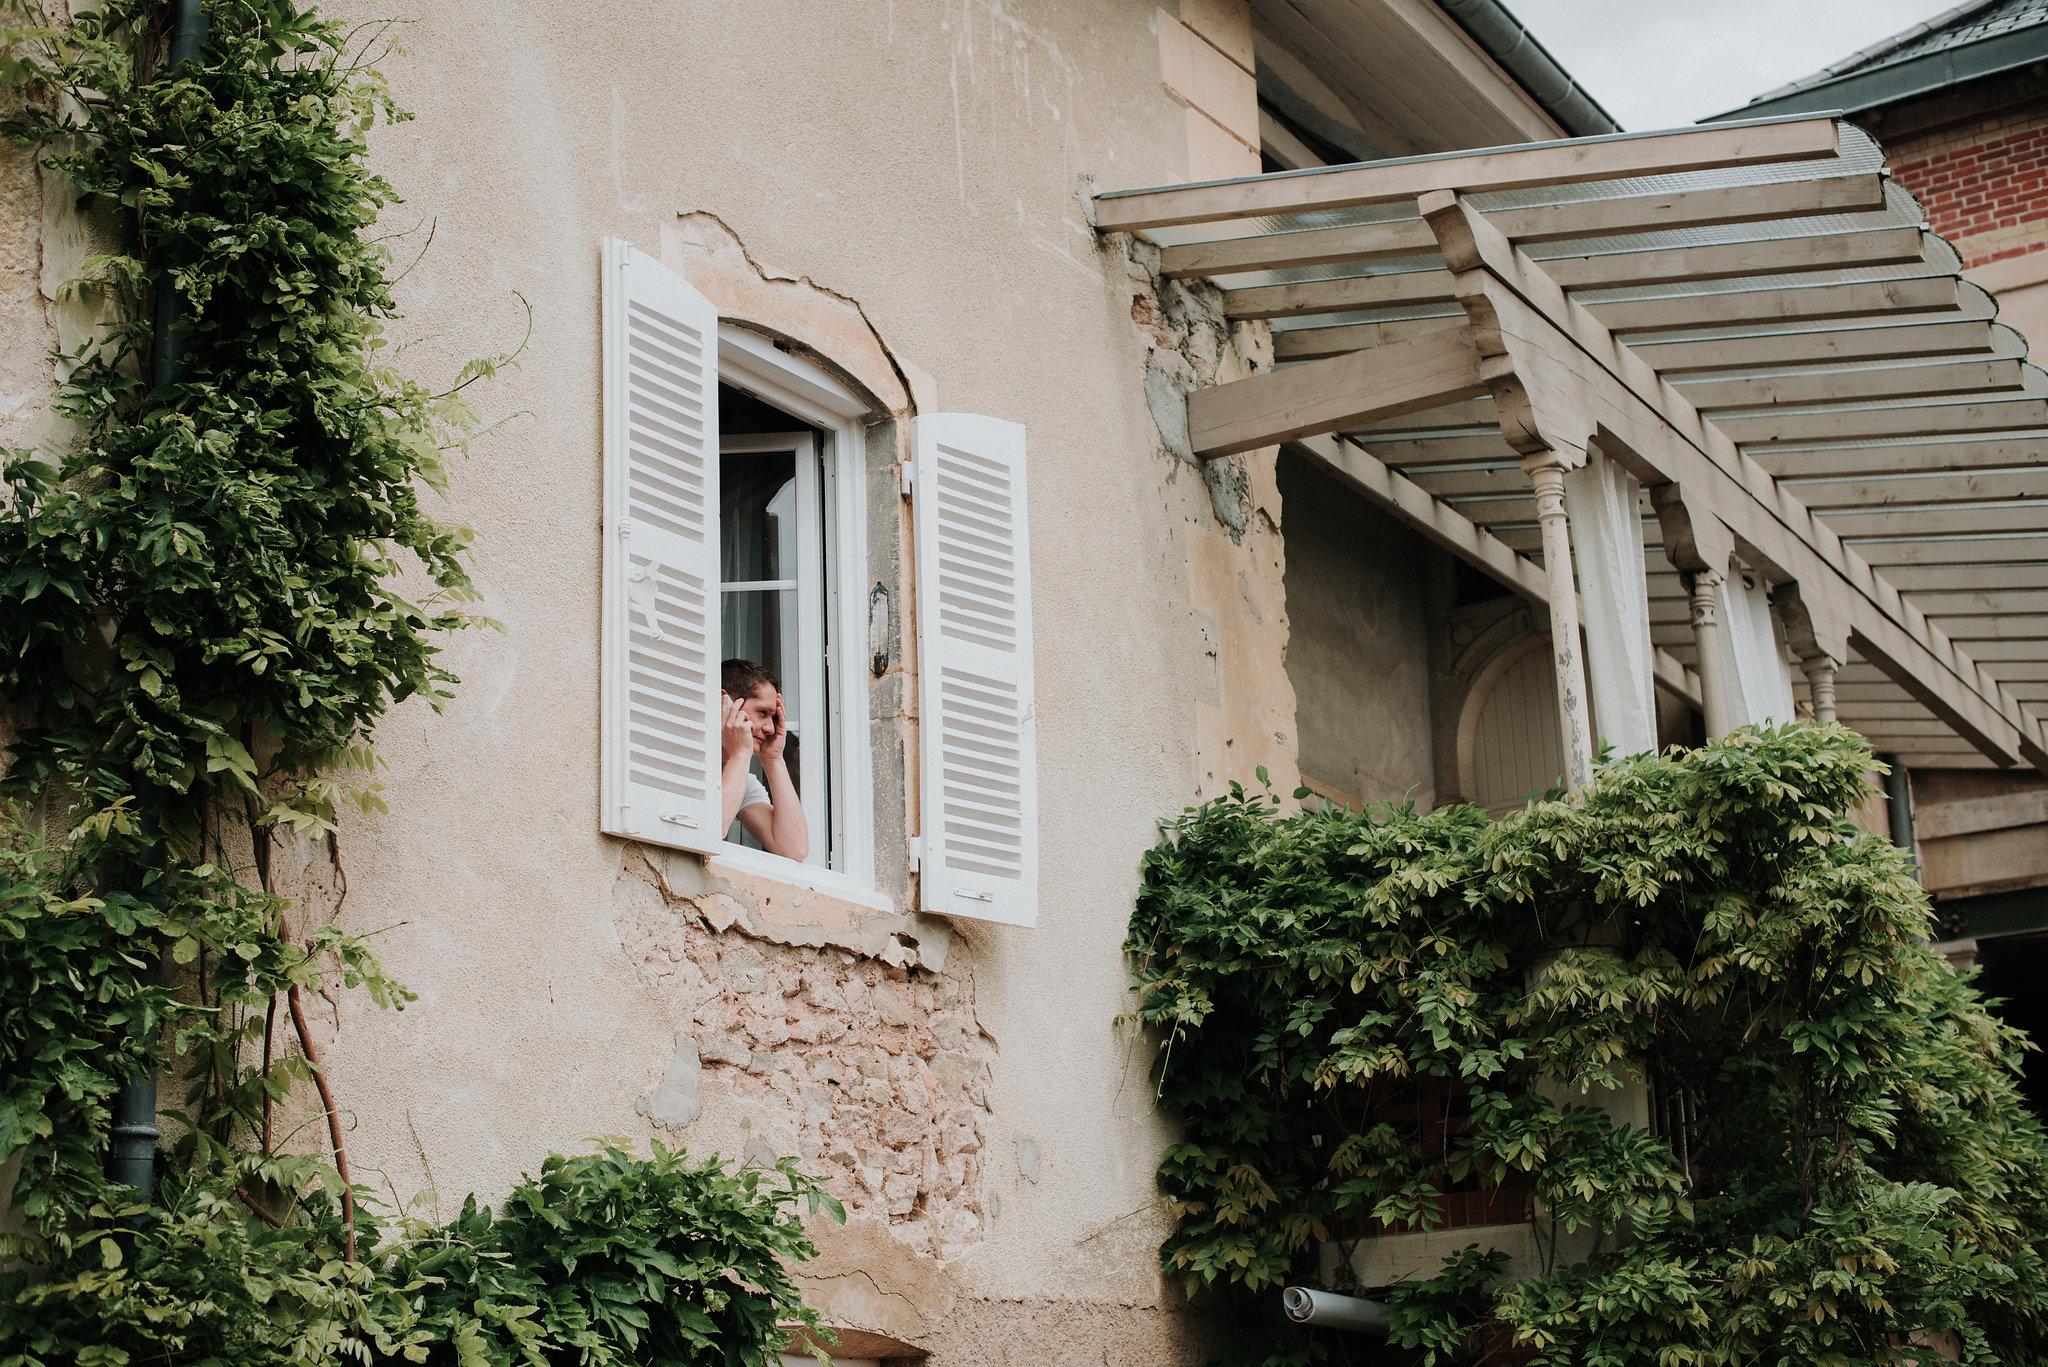 Léa-Fery-photographe-professionnel-lyon-rhone-alpes-portrait-creation-mariage-evenement-evenementiel-famille-1476.jpg